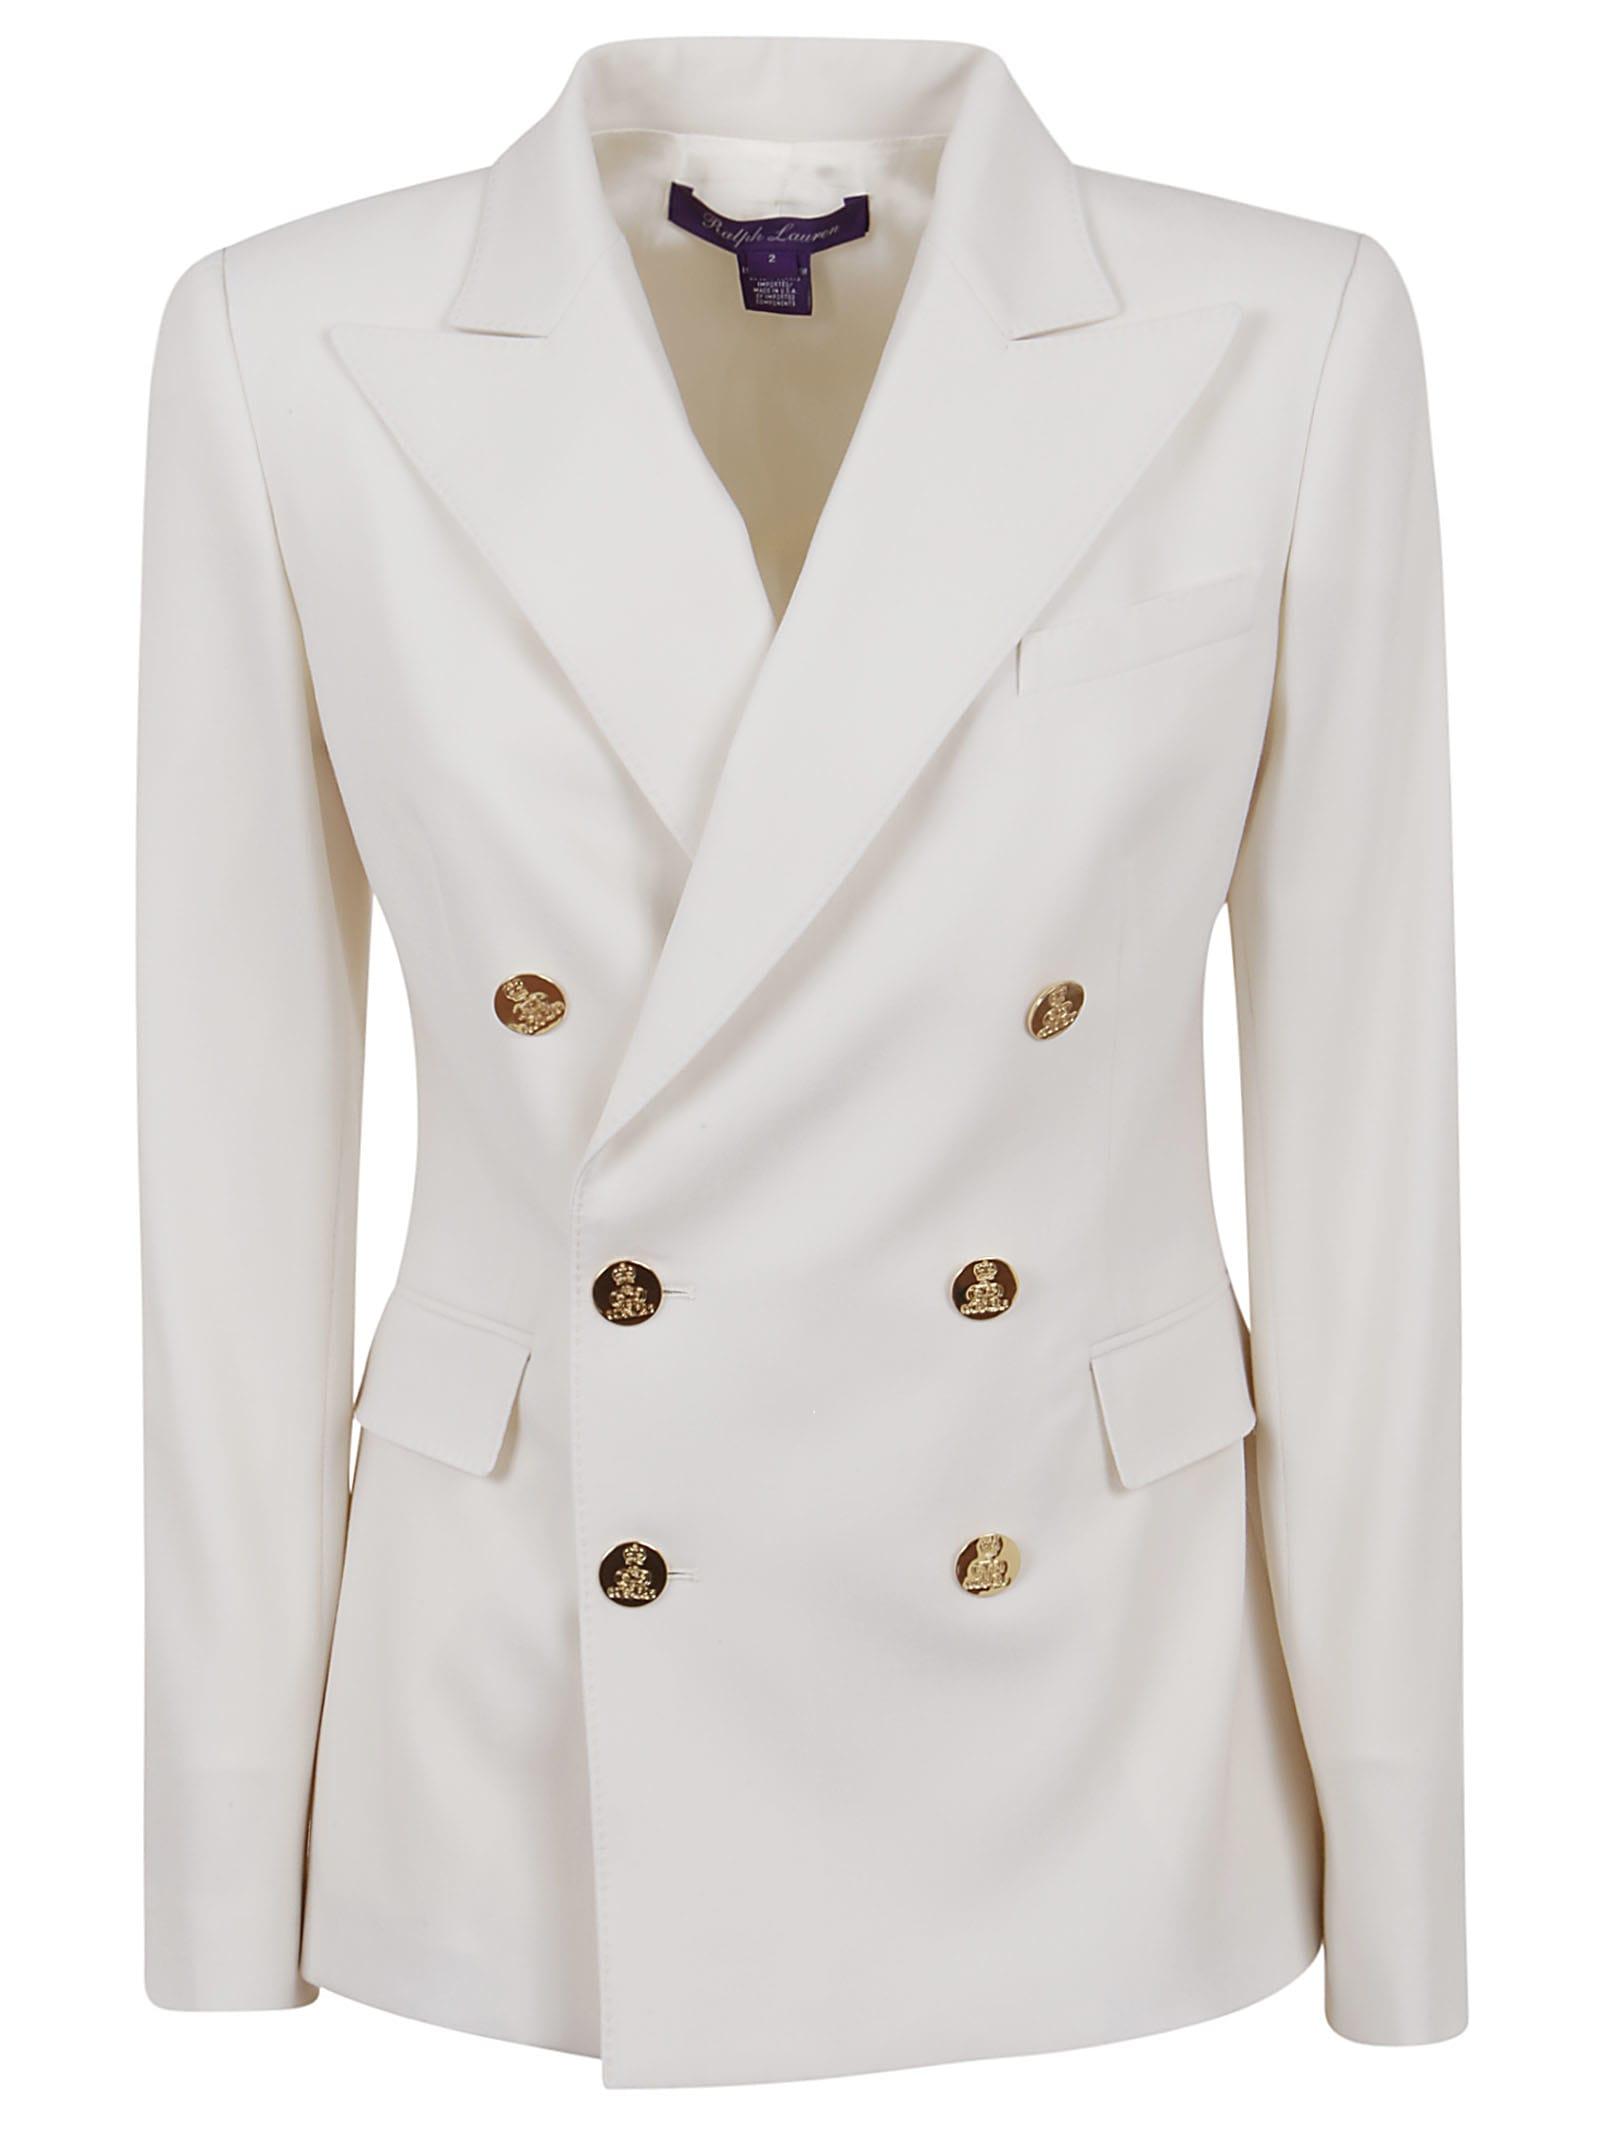 Ralph Lauren Black Label Camden Lined Jacket